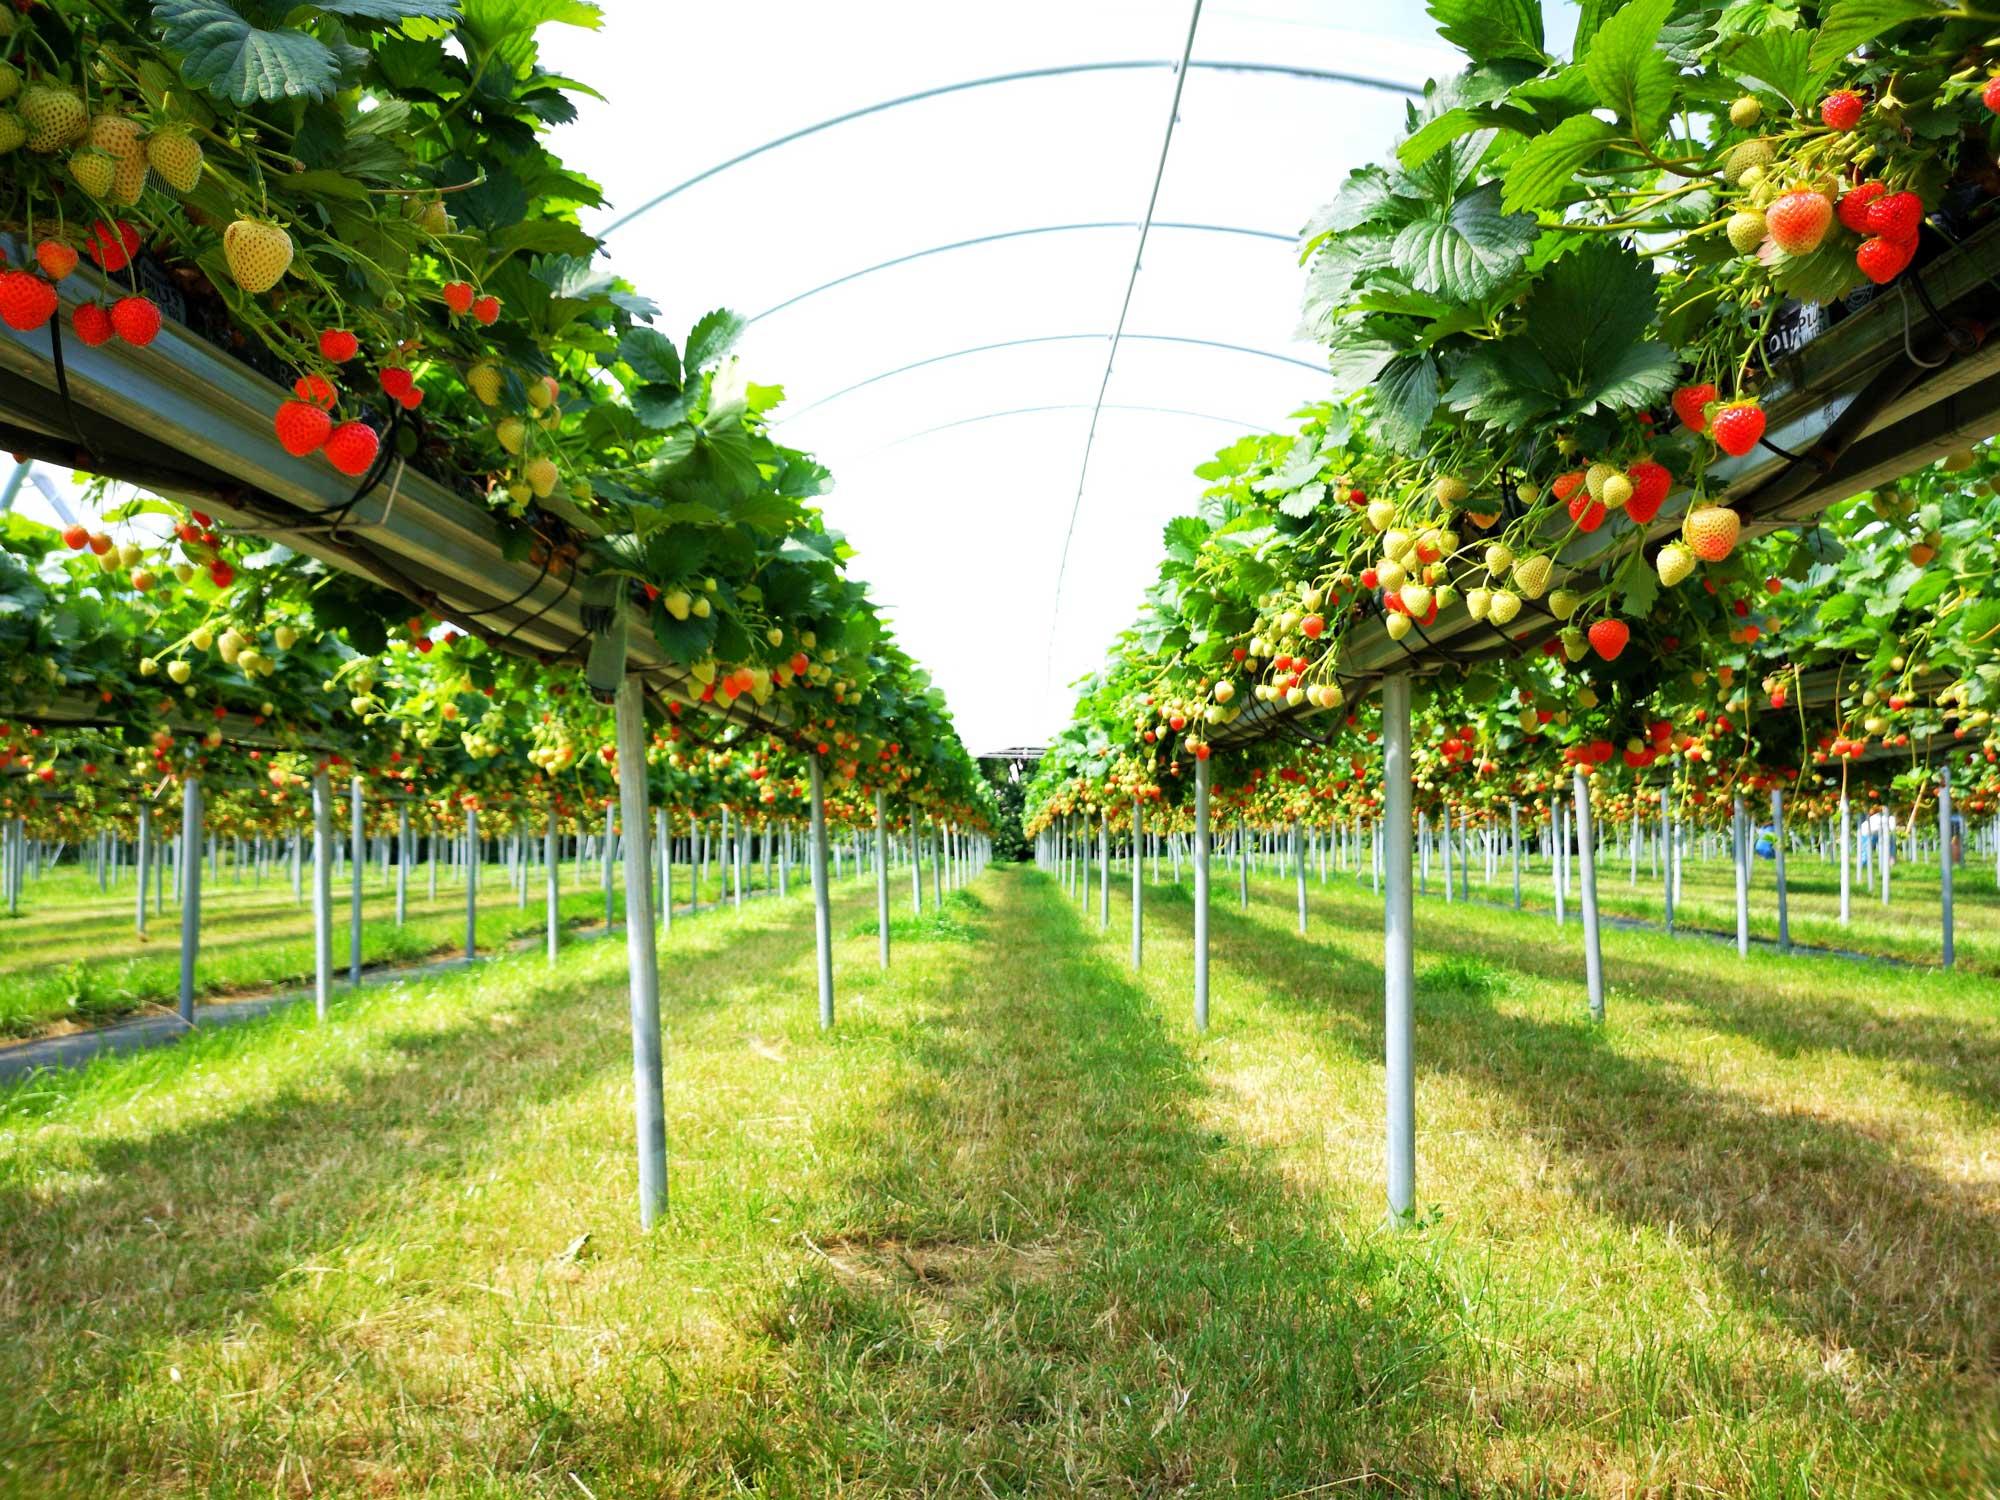 How to grow indoor strawberries